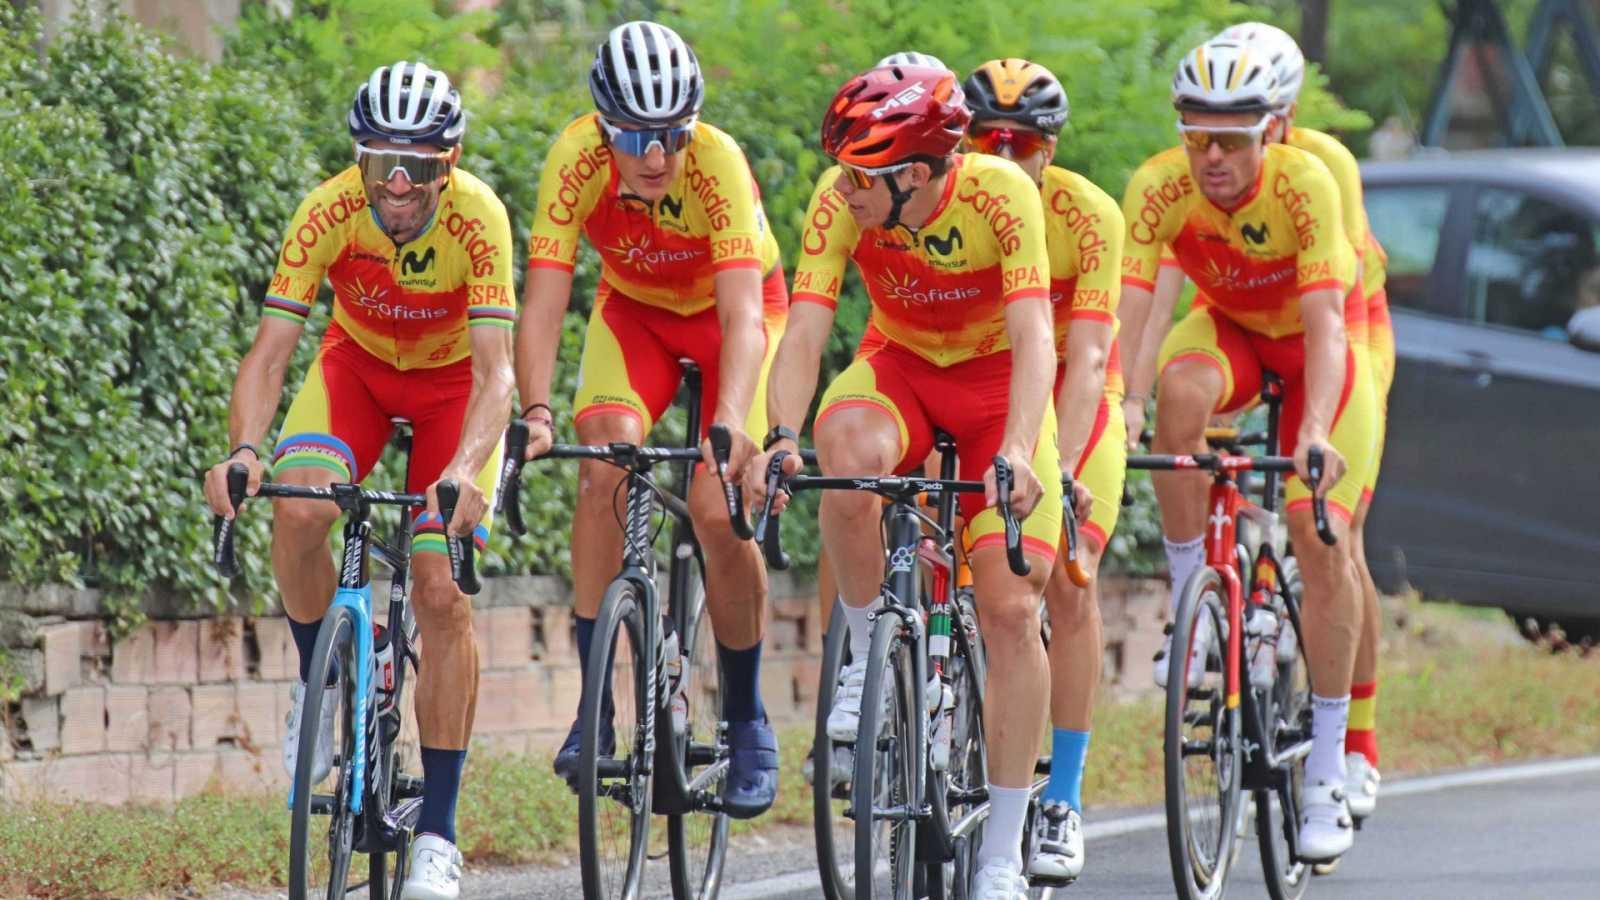 La selección española de ciclimo durante un entrenamiento previo a la prueba de ruta de los Mundiales de Ciclismo 2020